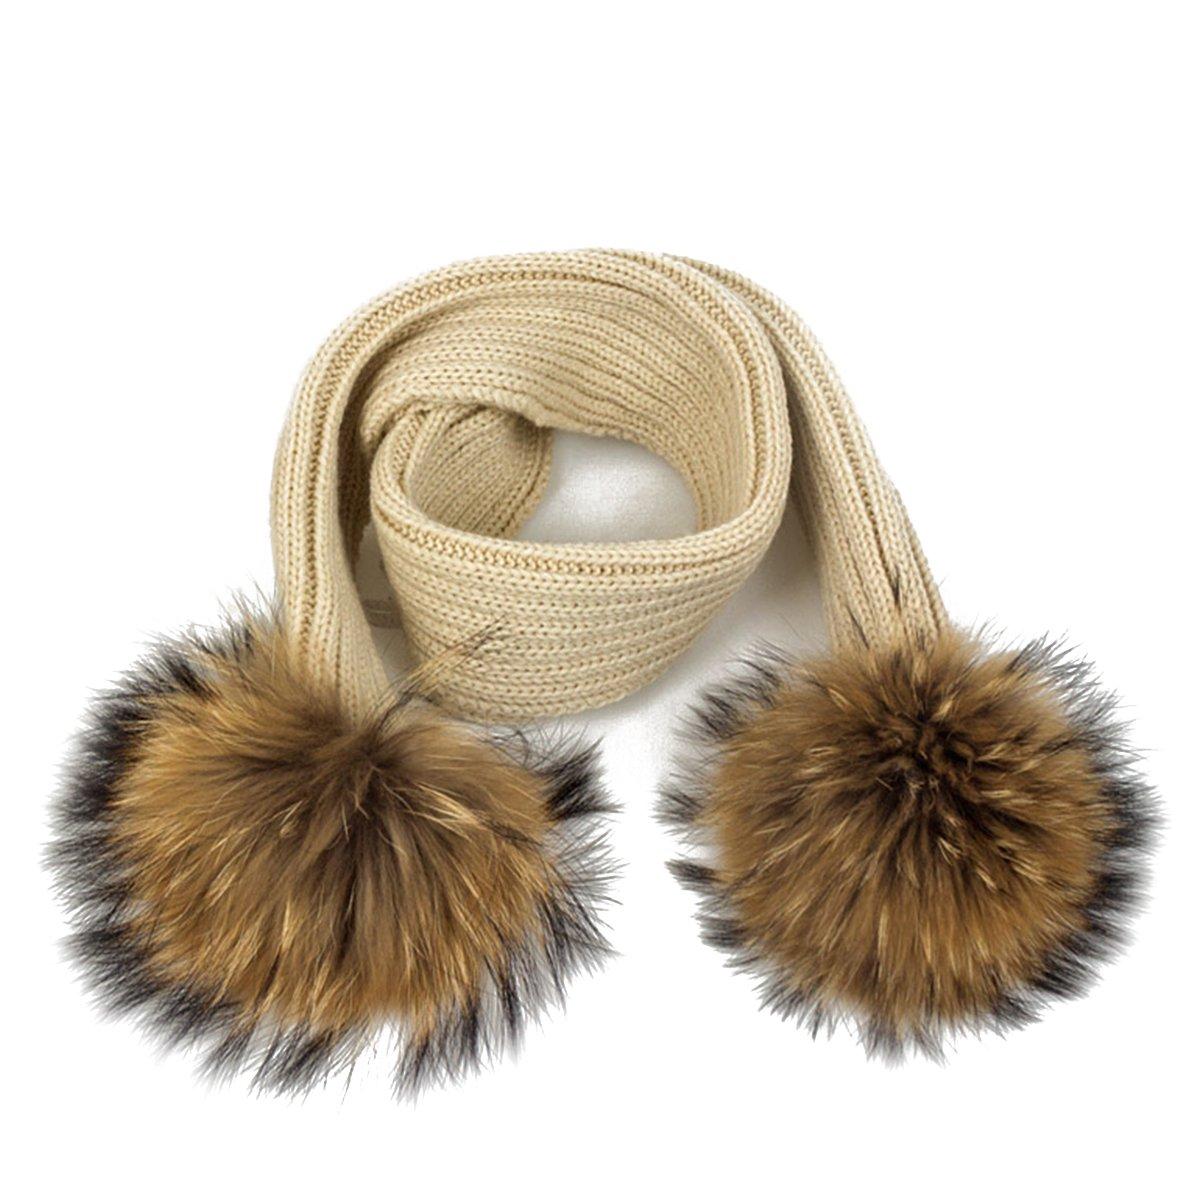 Abby Girls Fashion caldi bambini colore solido addensare capelli palla cappello + set cappello e sciarpa a maglia sciarpa di lana, Pink